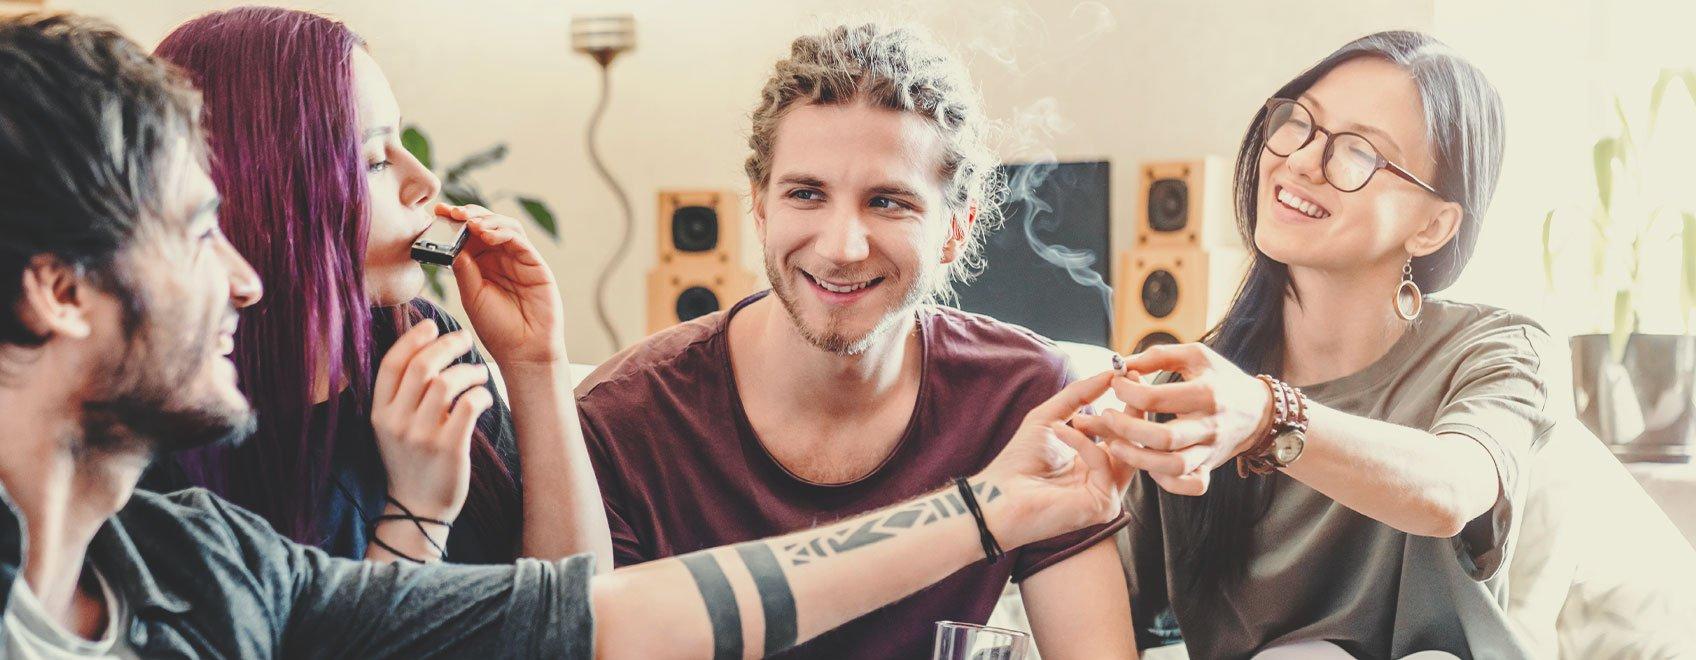 Was führt zu einer Cannabisabhängigkeit?